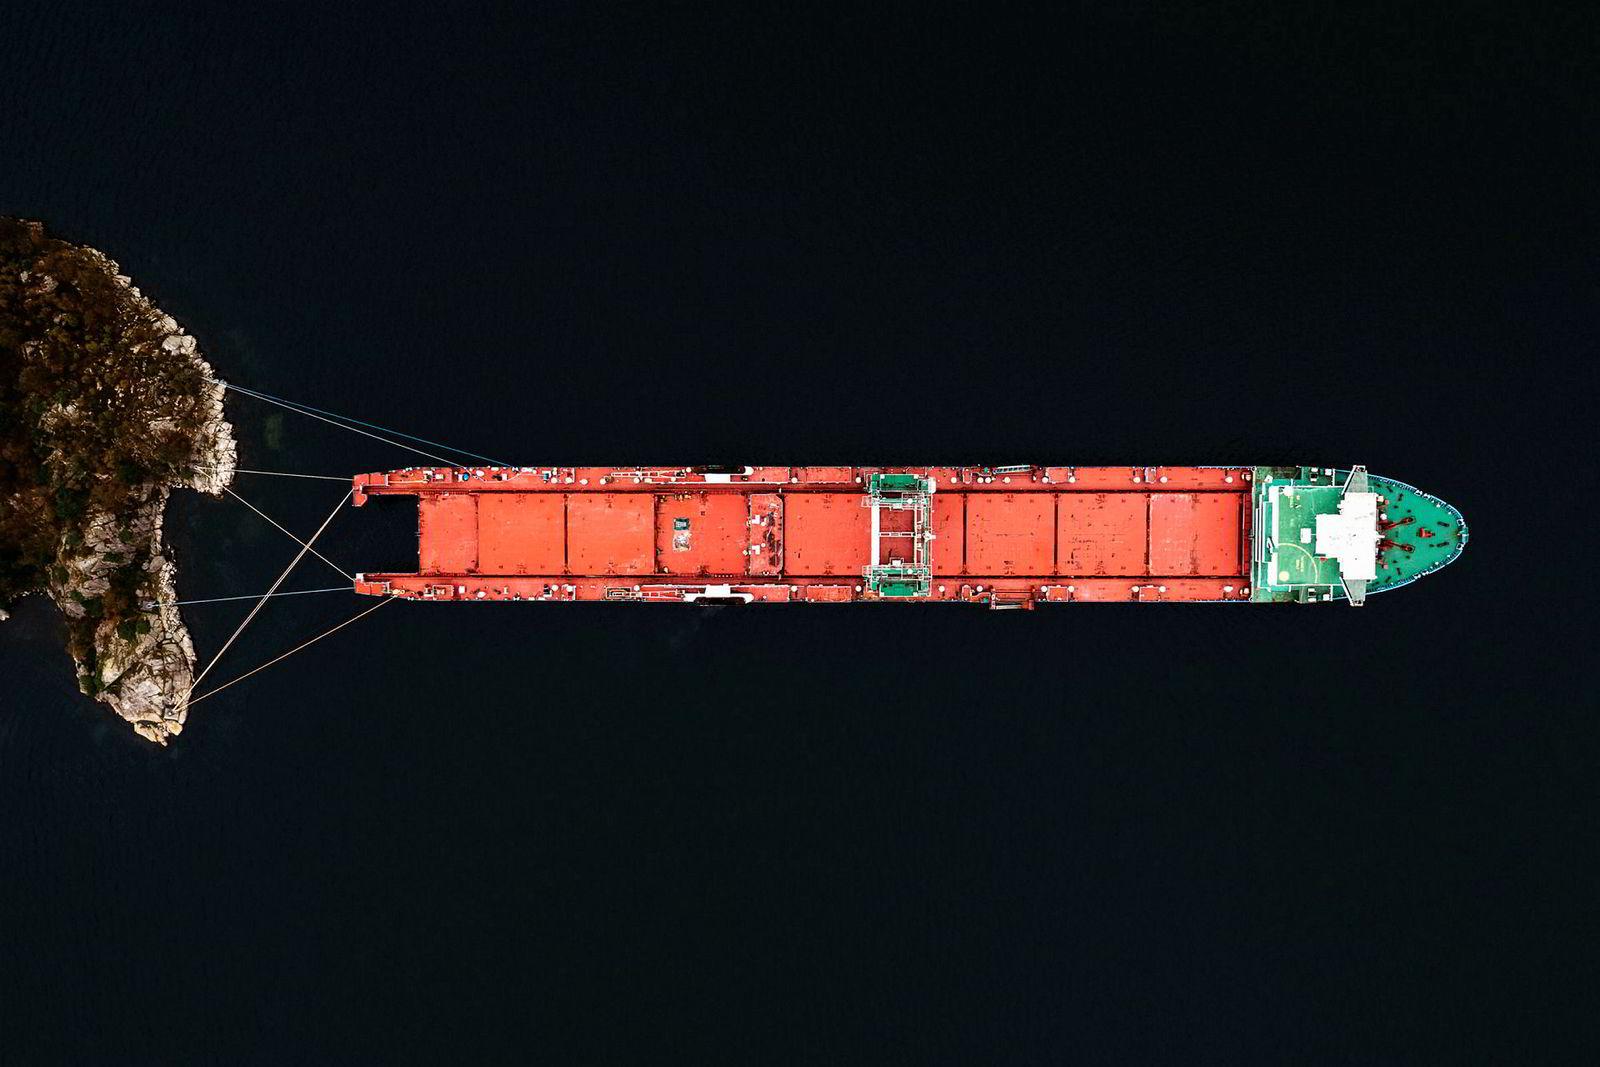 Sørlandsbyen Farsund er foreløpig siste stoppested for det 300 meter lange lasteskipet Harrier. Etter en dramatisk redningsaksjon utenfor kysten av Jæren i vinter, da skipet havarerte etter motorstopp, ble et mannskap på 21 indere og én russer reddet i land med helikopter. Siden har problemene hopet seg opp. Norske myndigheter mente skipet var på vei til Pakistan for å bli hugget opp og tok derfor båten i arrest.